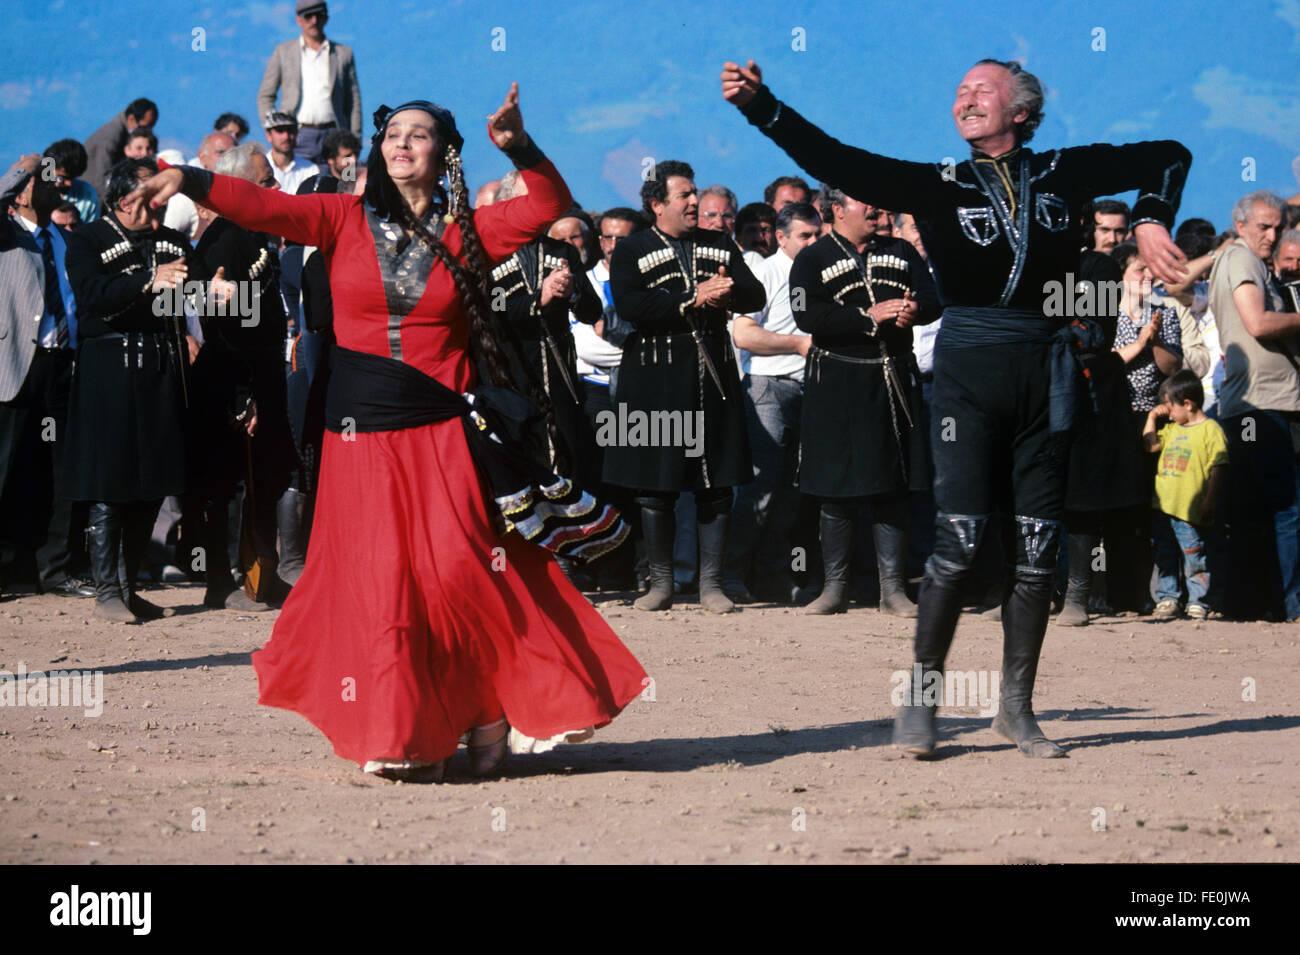 Georgian Souvenirs Stock Photos Georgian Souvenirs Stock: Georgian Folk Dancers Or Georgians In Traditional Georgian